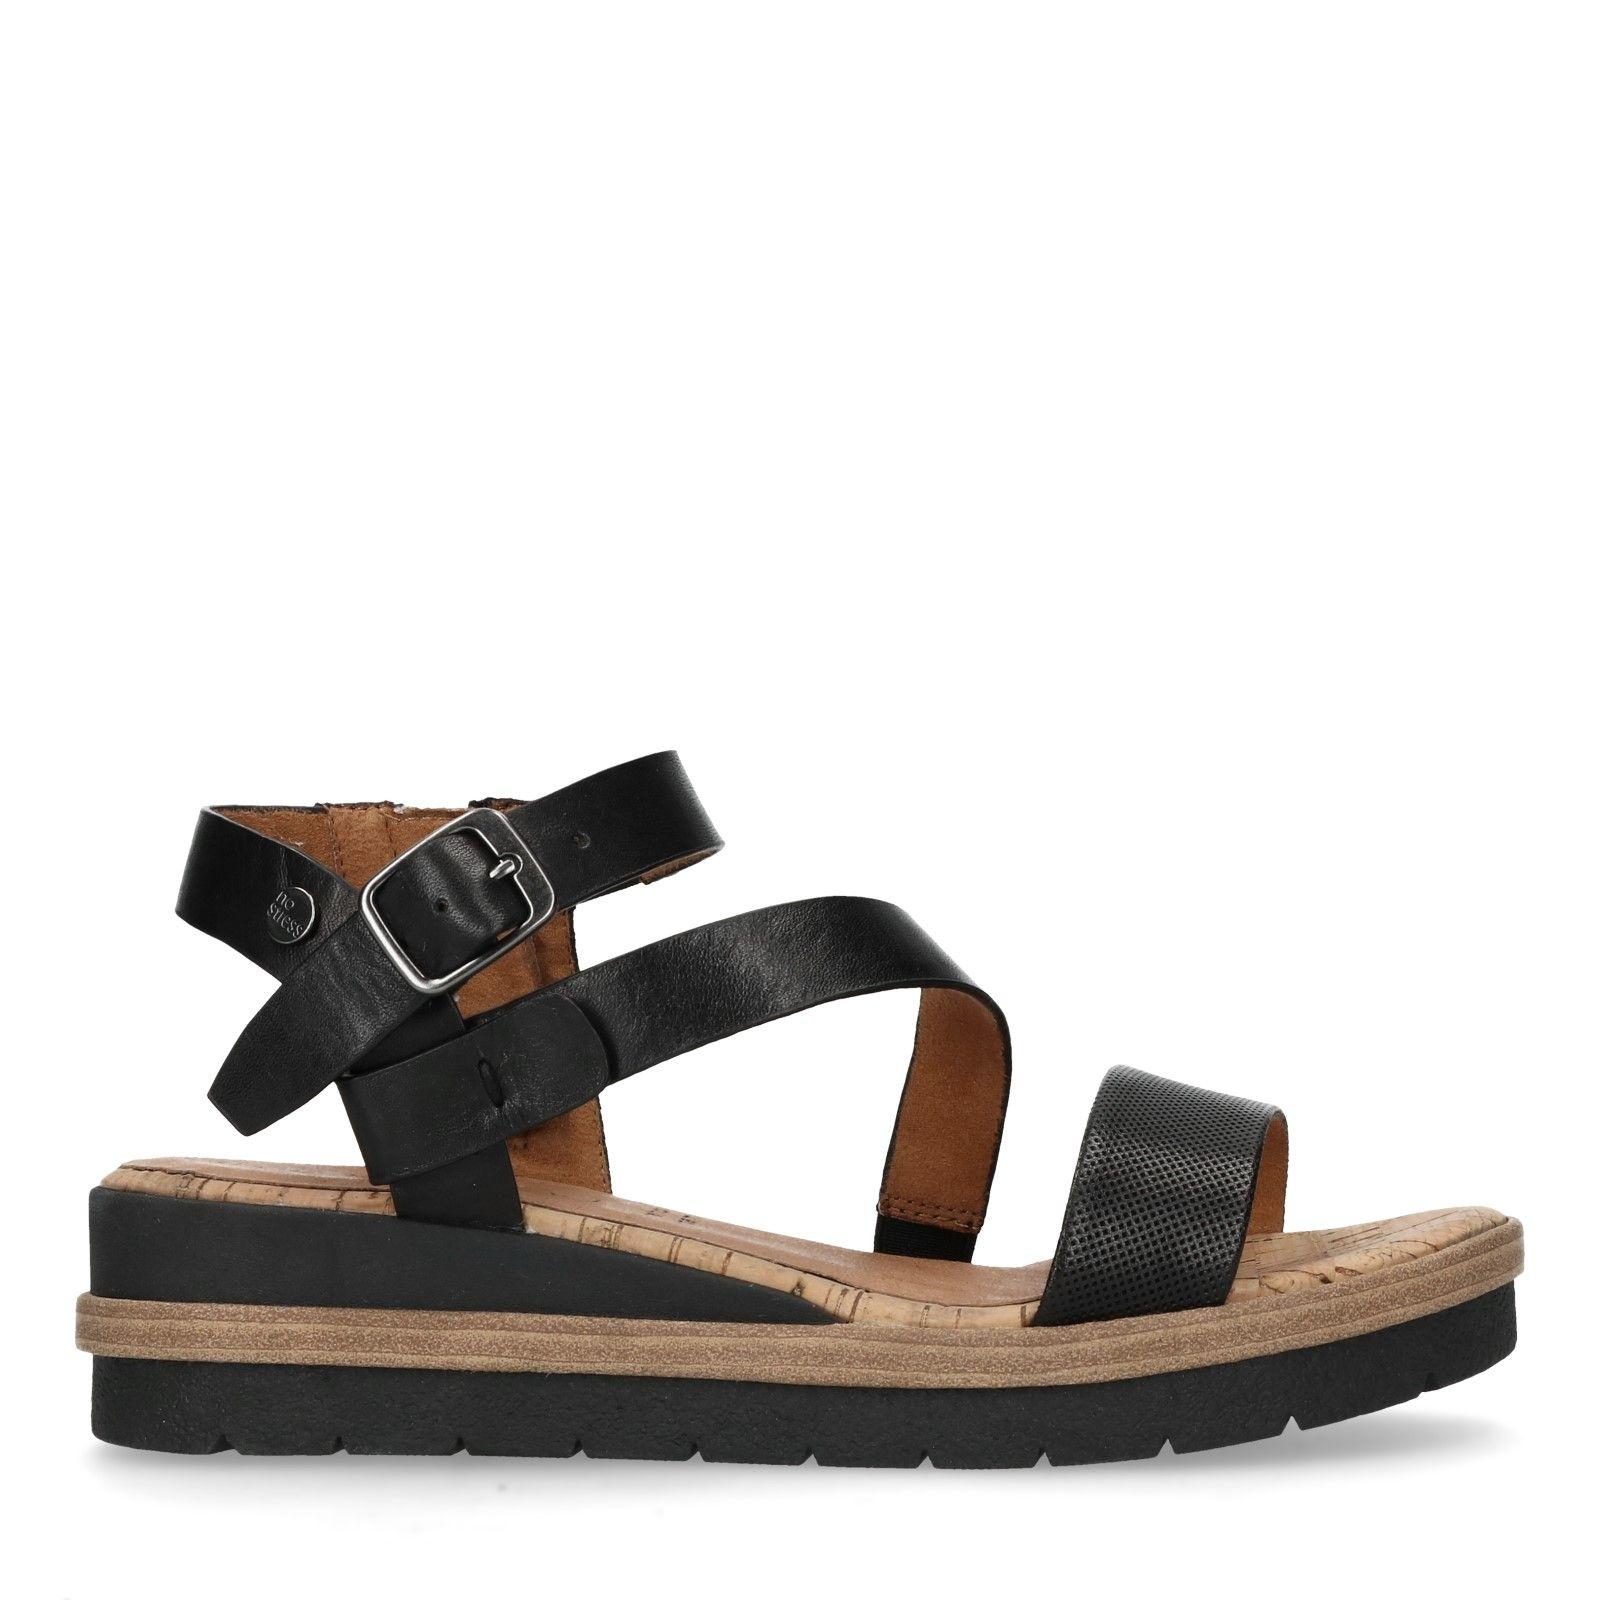 No Stress zwarte leren sandalen | Intreza.nl | Zwart leer